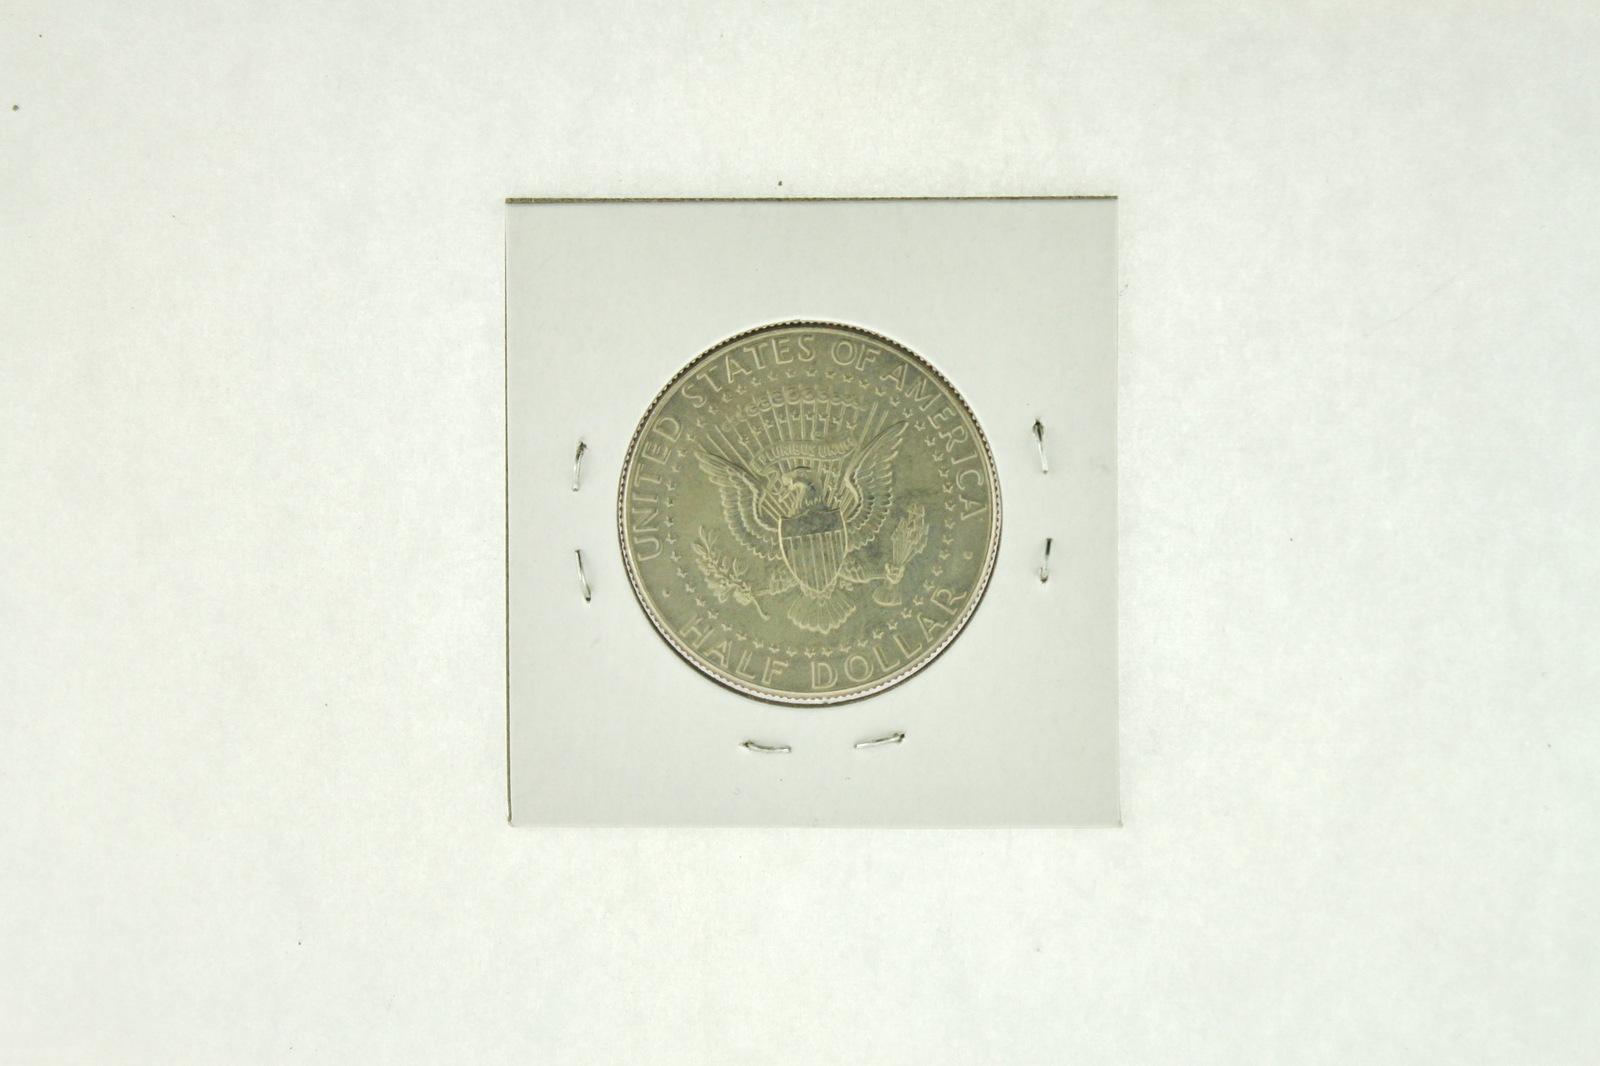 2001-D Kennedy Half Dollar (XF) Extremely Fine N2-4018-2